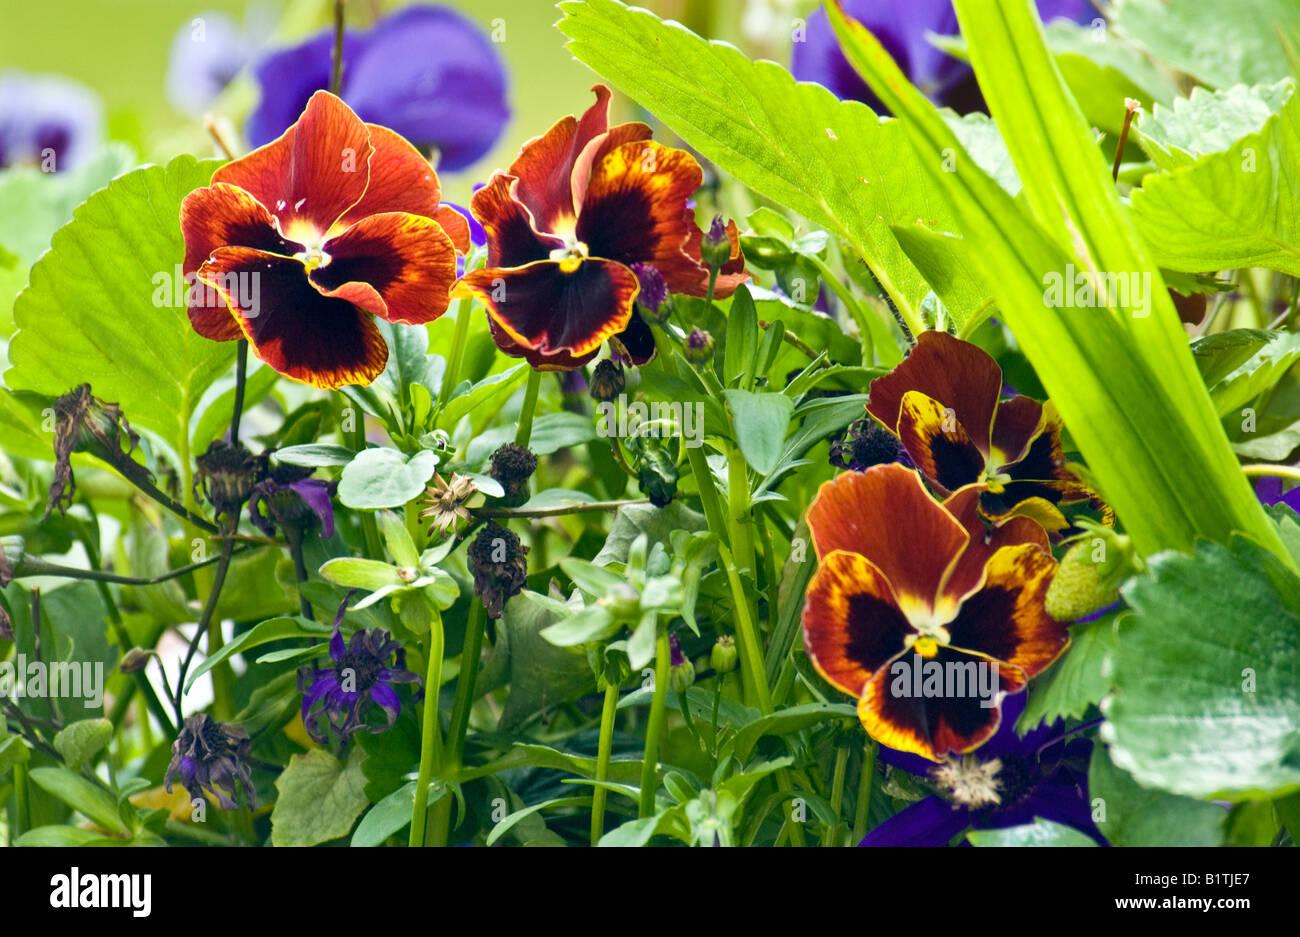 Pansies - Stock Image